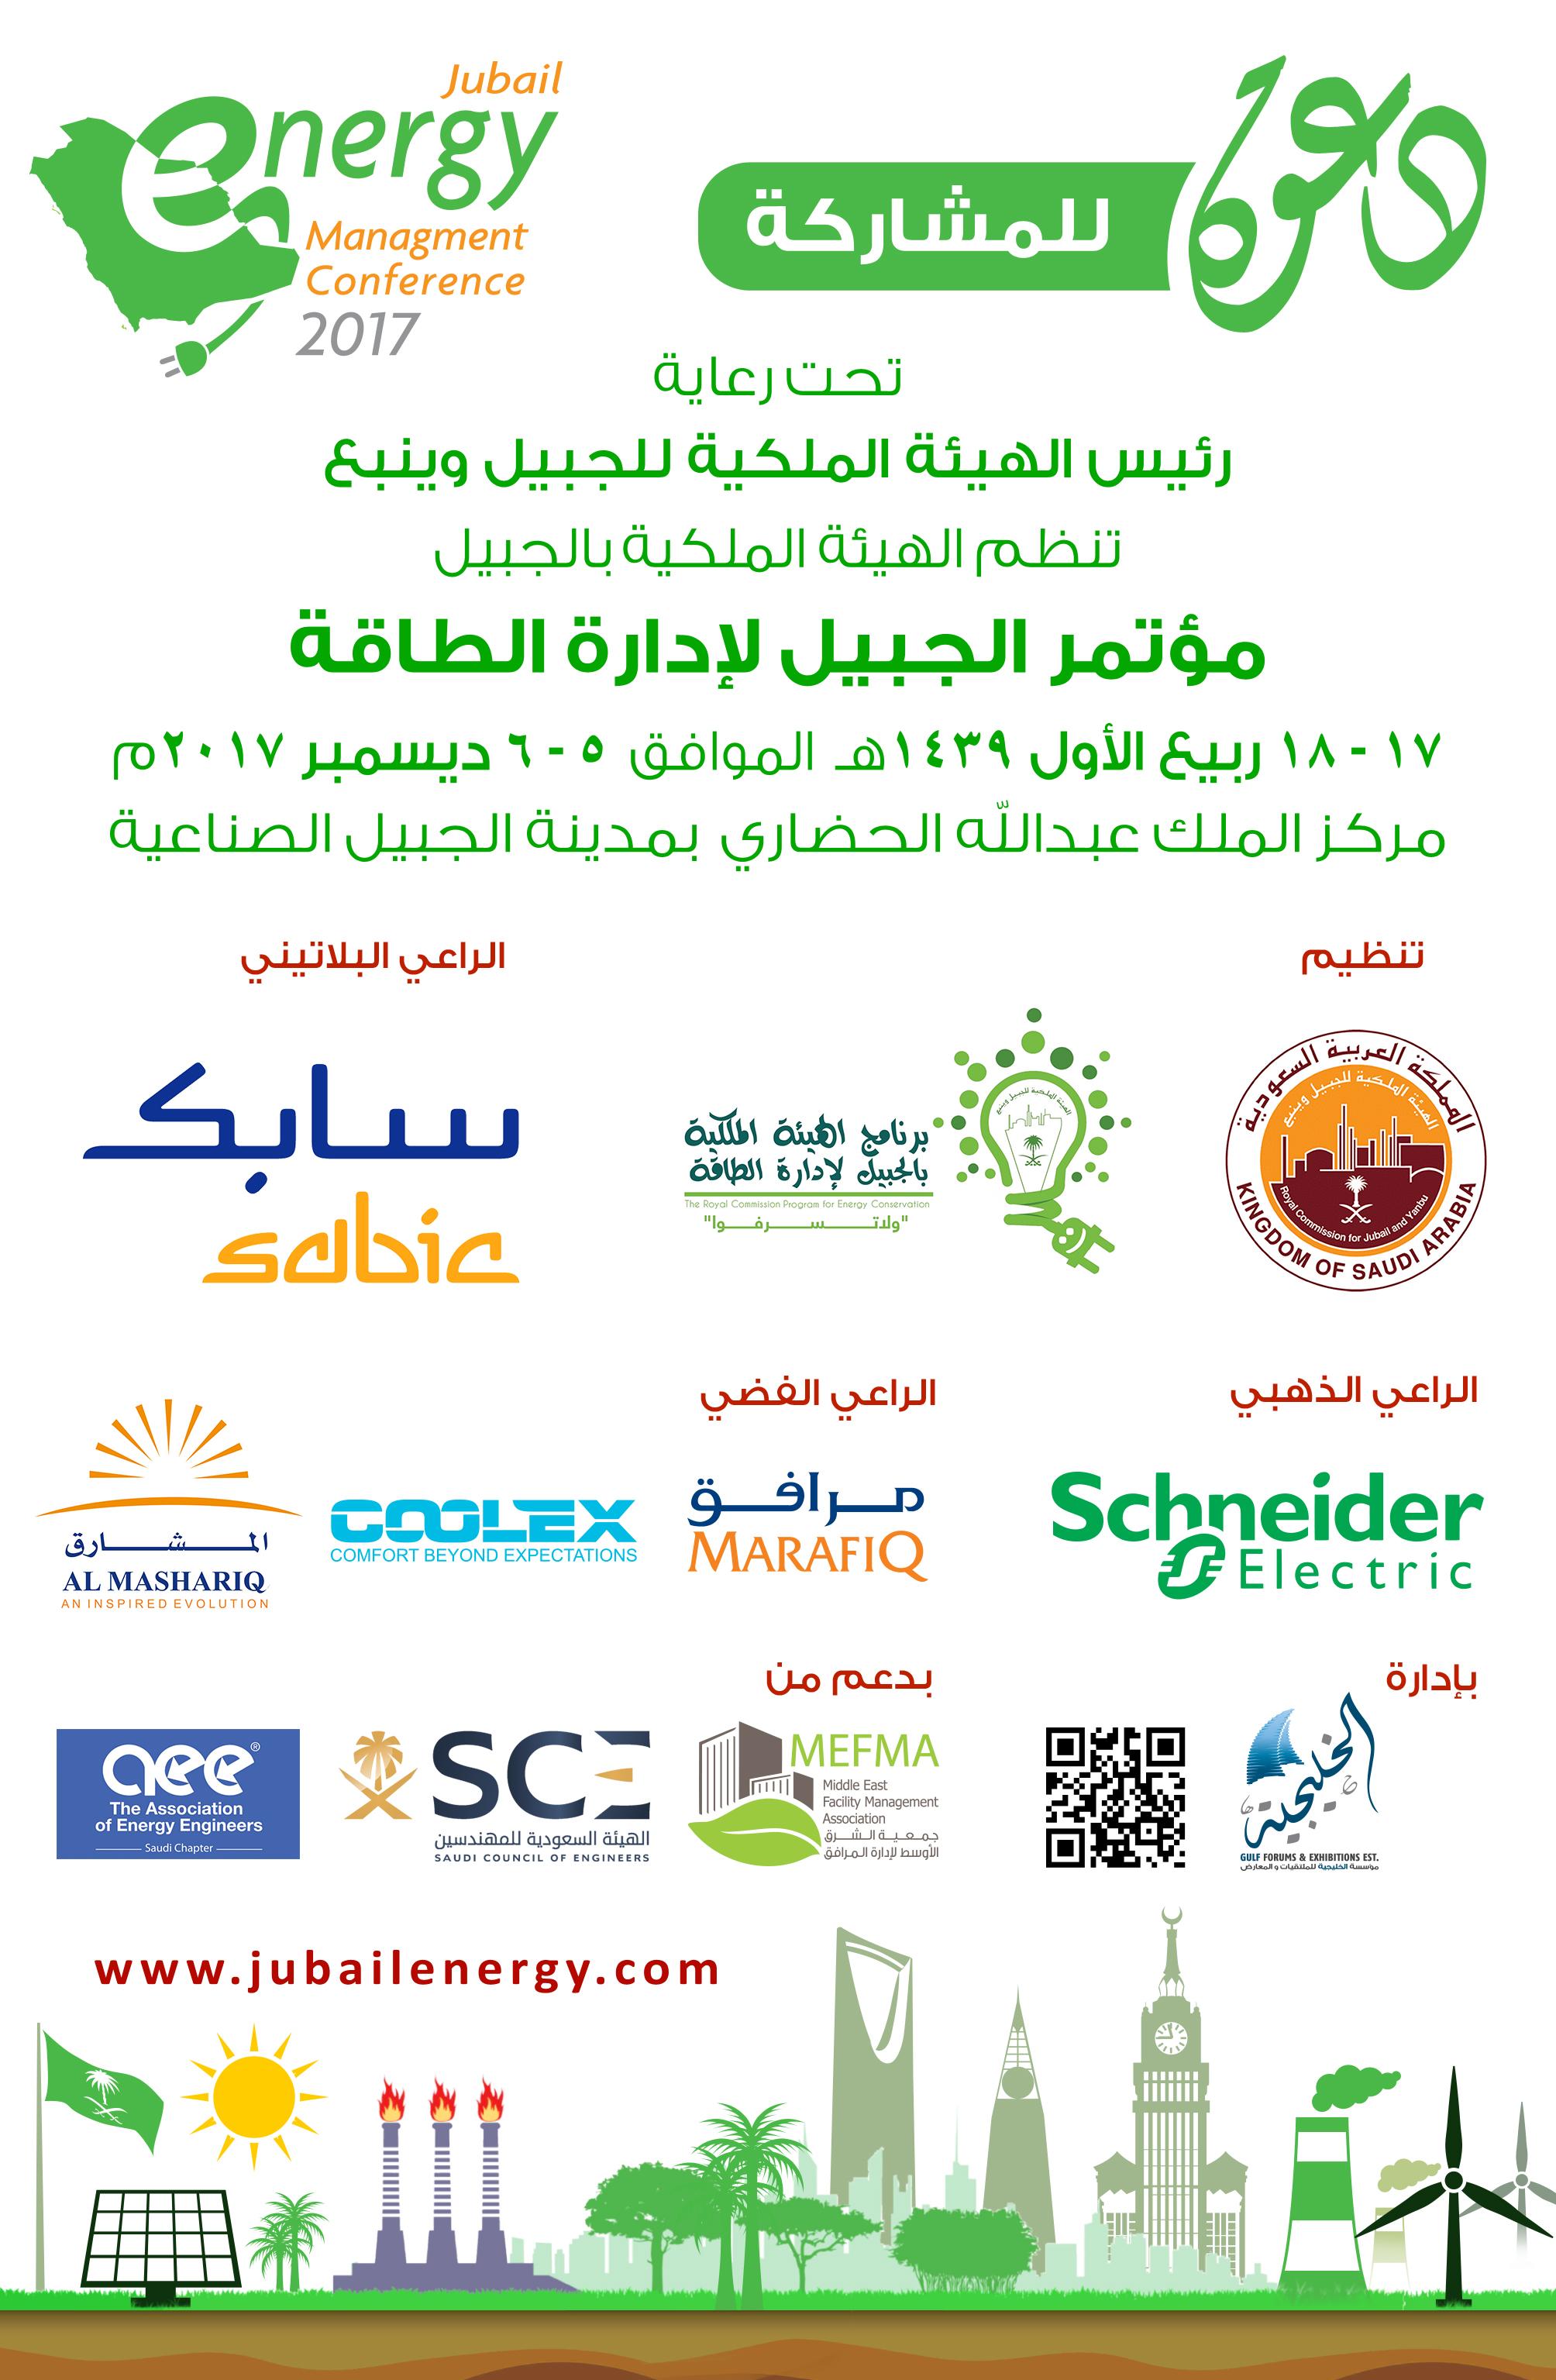 مؤتمر الجبيل لإدارة الطاقة يسلط الضوء على  قواعد استخدامات الطاقة في المباني الخضراء